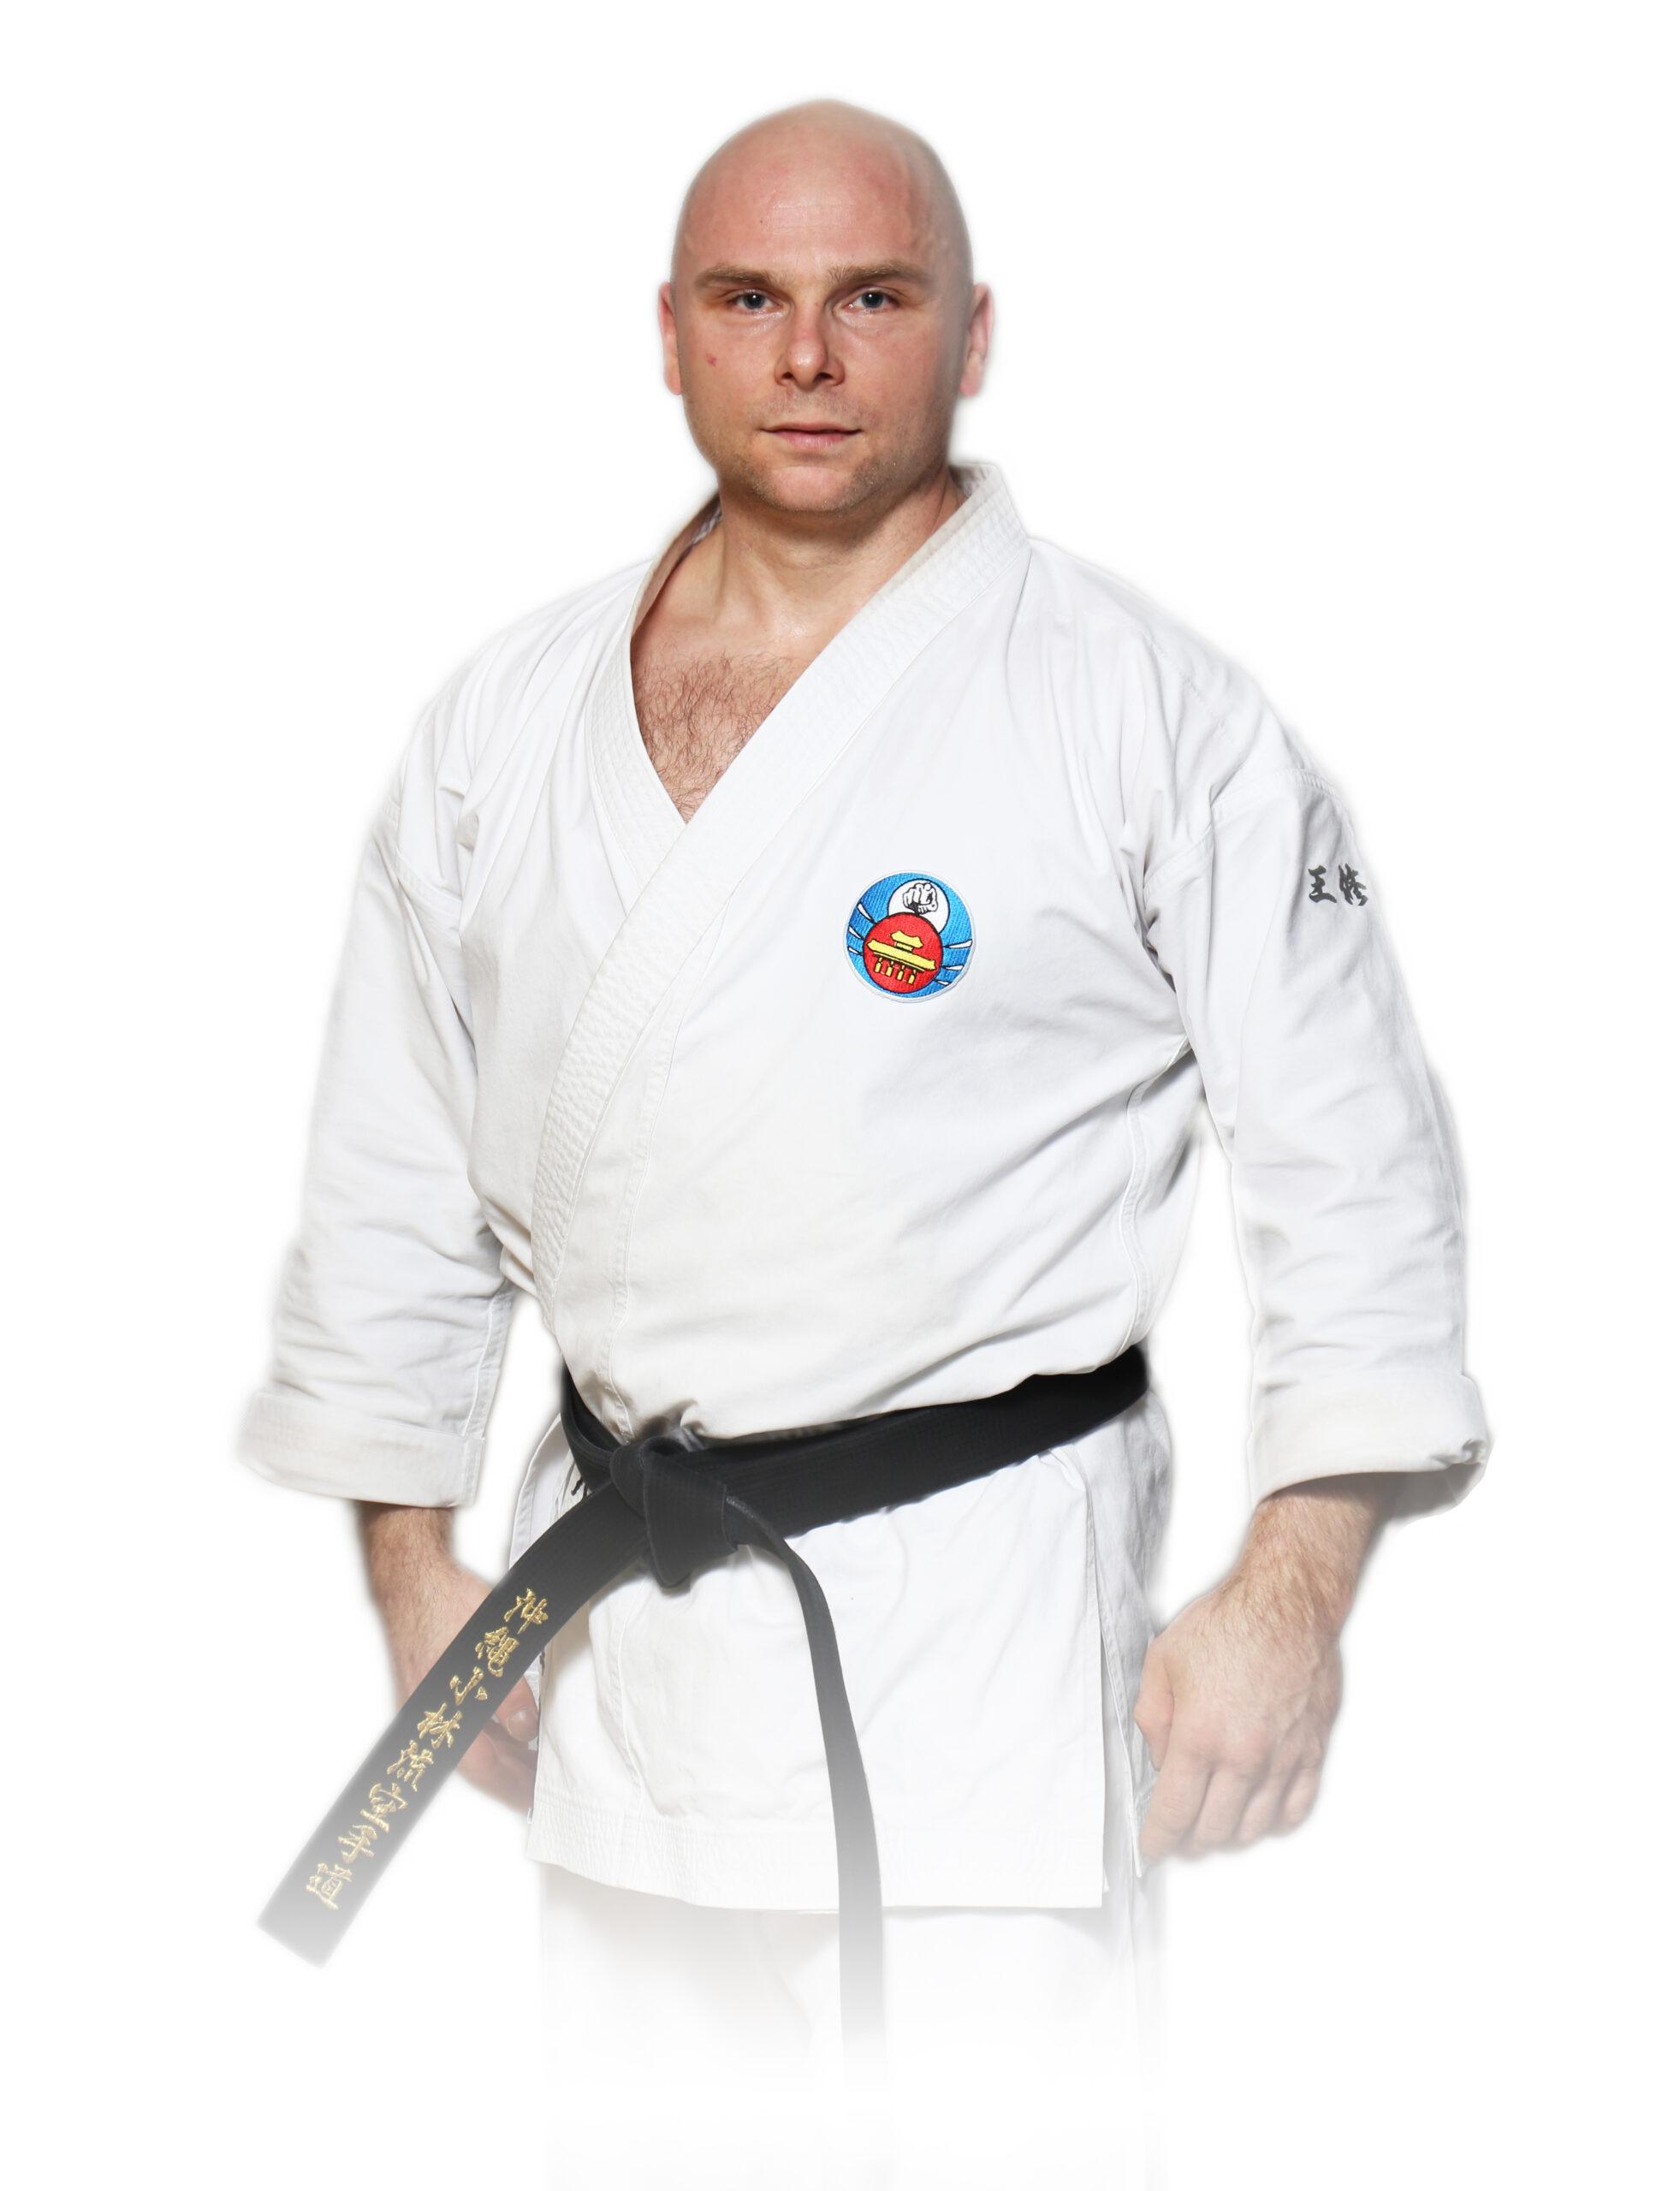 szkoła karate Ursynów; karate Shorin ryu; klub karate